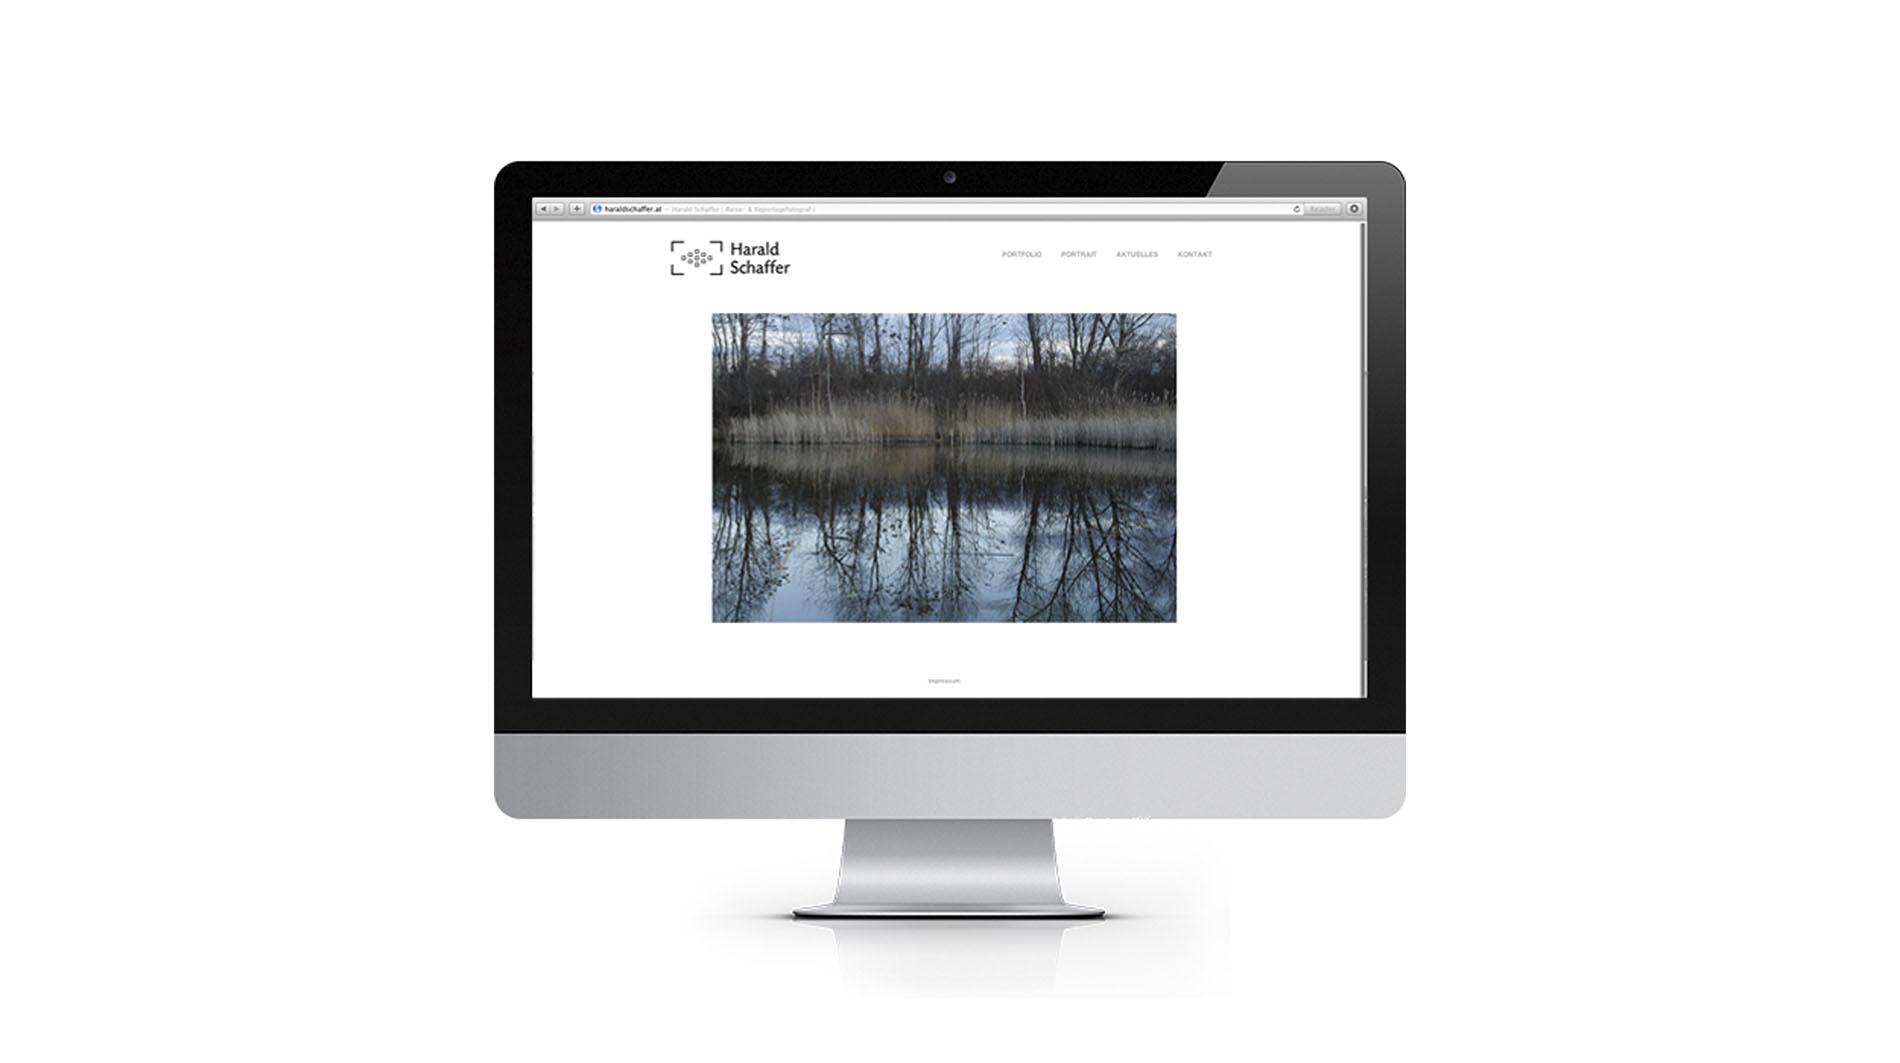 CD Harald Schaffer | Website